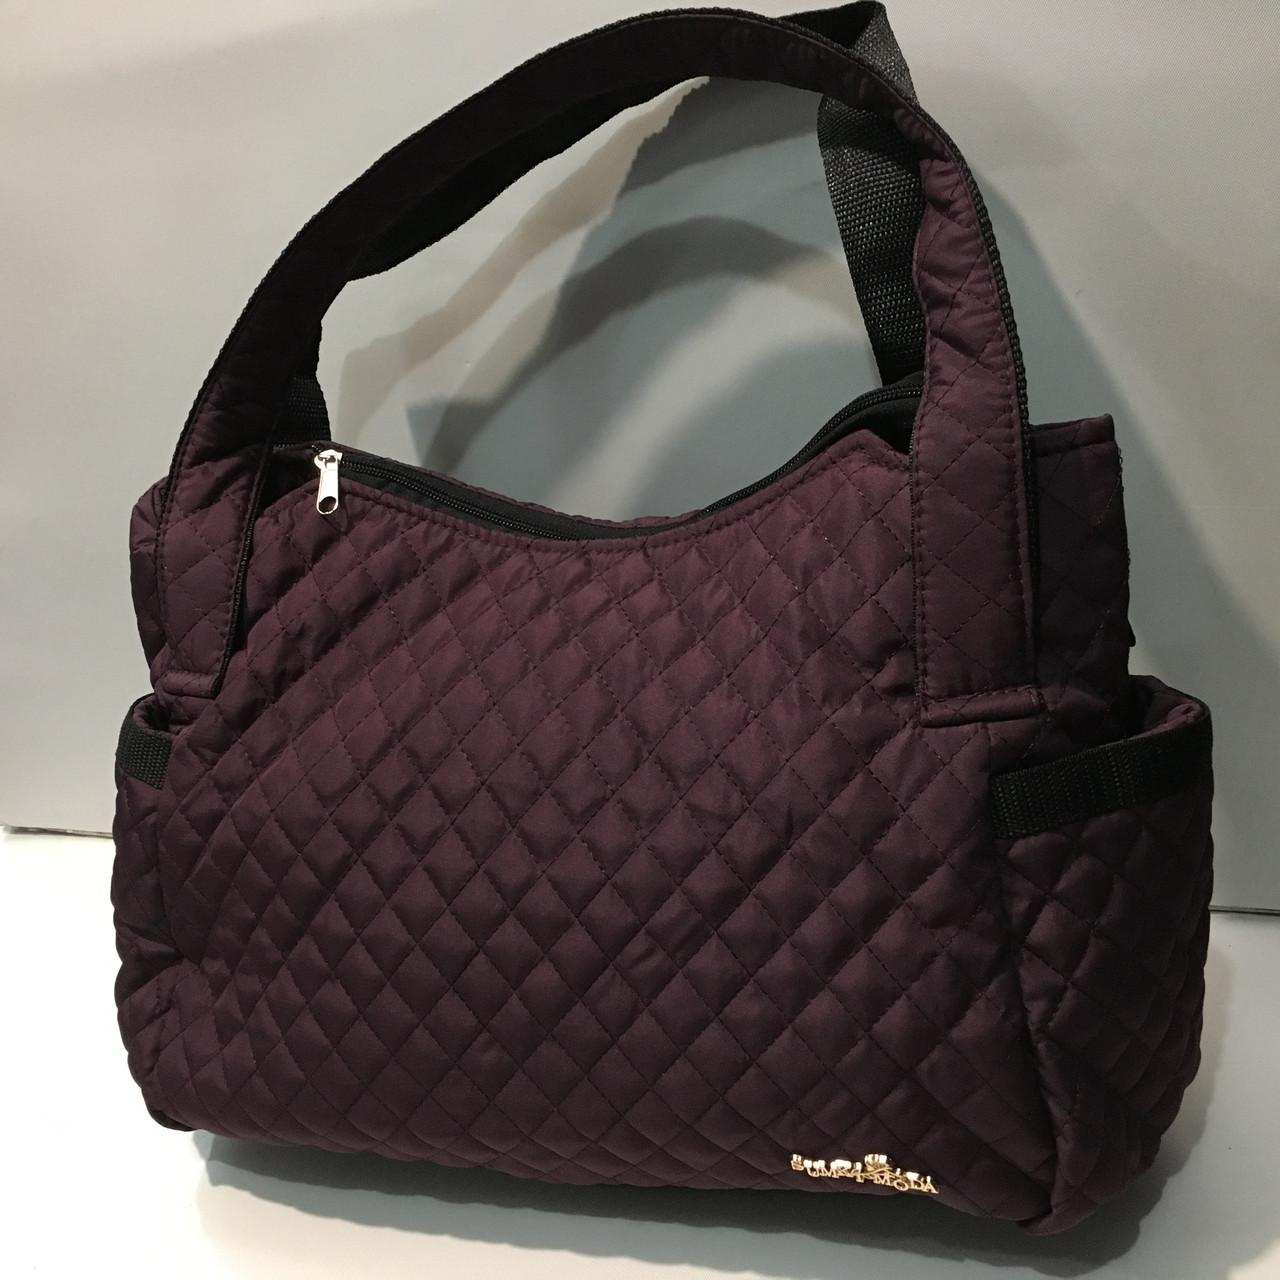 345506e768e9 Стильная стеганая болоньевая сумка. Модная женская сумка. Удобная,  вместительная сумка оптом